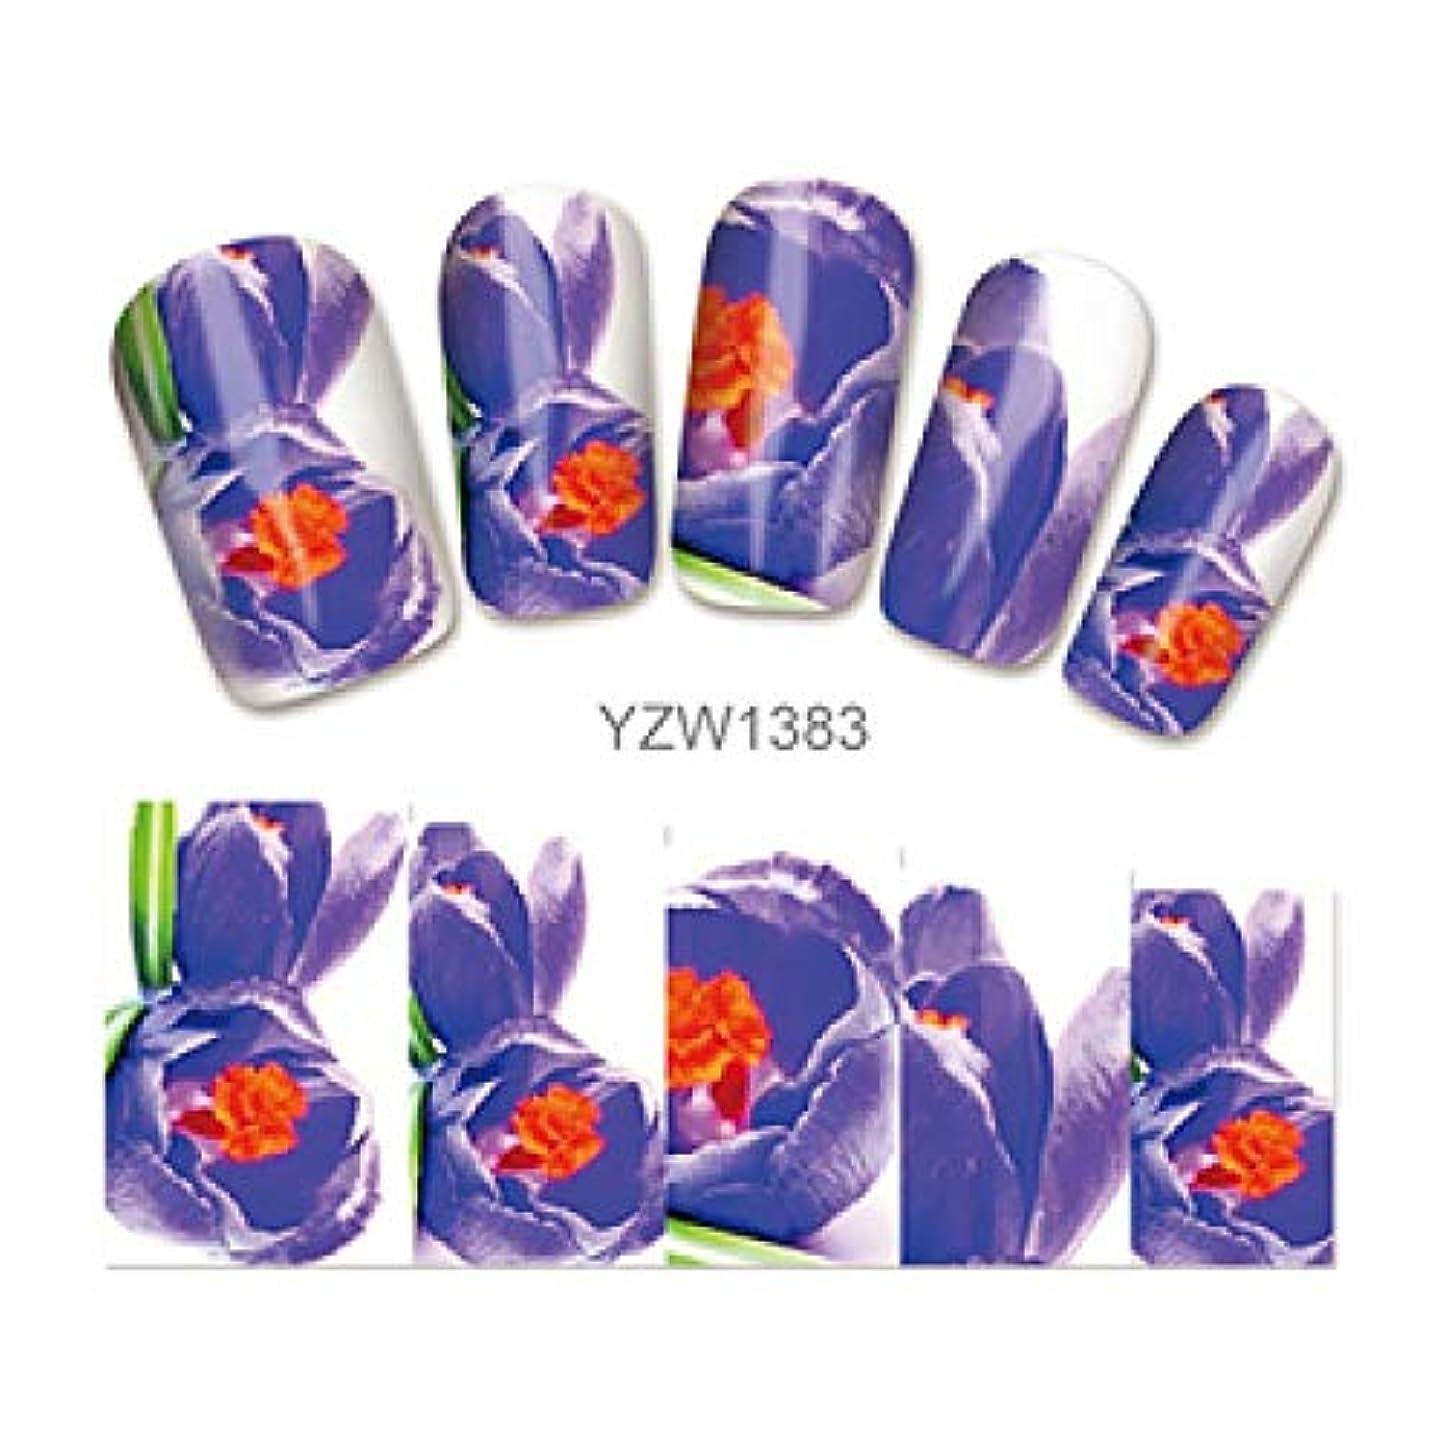 軍艦トリム自転車SUKTI&XIAO ネイルステッカー 1枚のシートの釘、Yzw1383のための任意完全なカバー釘水ステッカーの多彩な花模様のステッカー